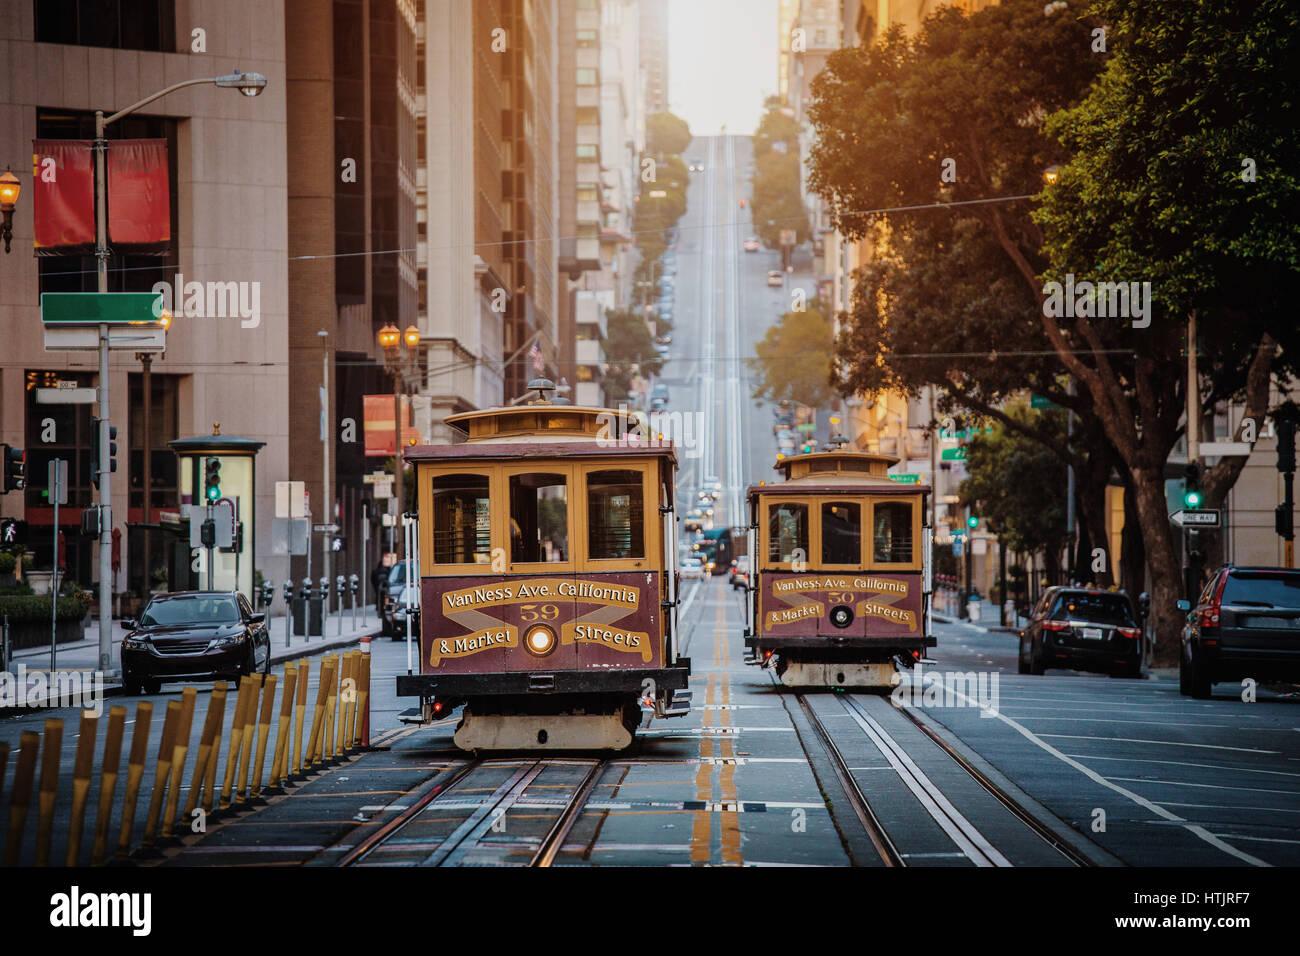 Vista clásica del tradicional histórico teleférico a caballo en la famosa calle de California a principios Imagen De Stock